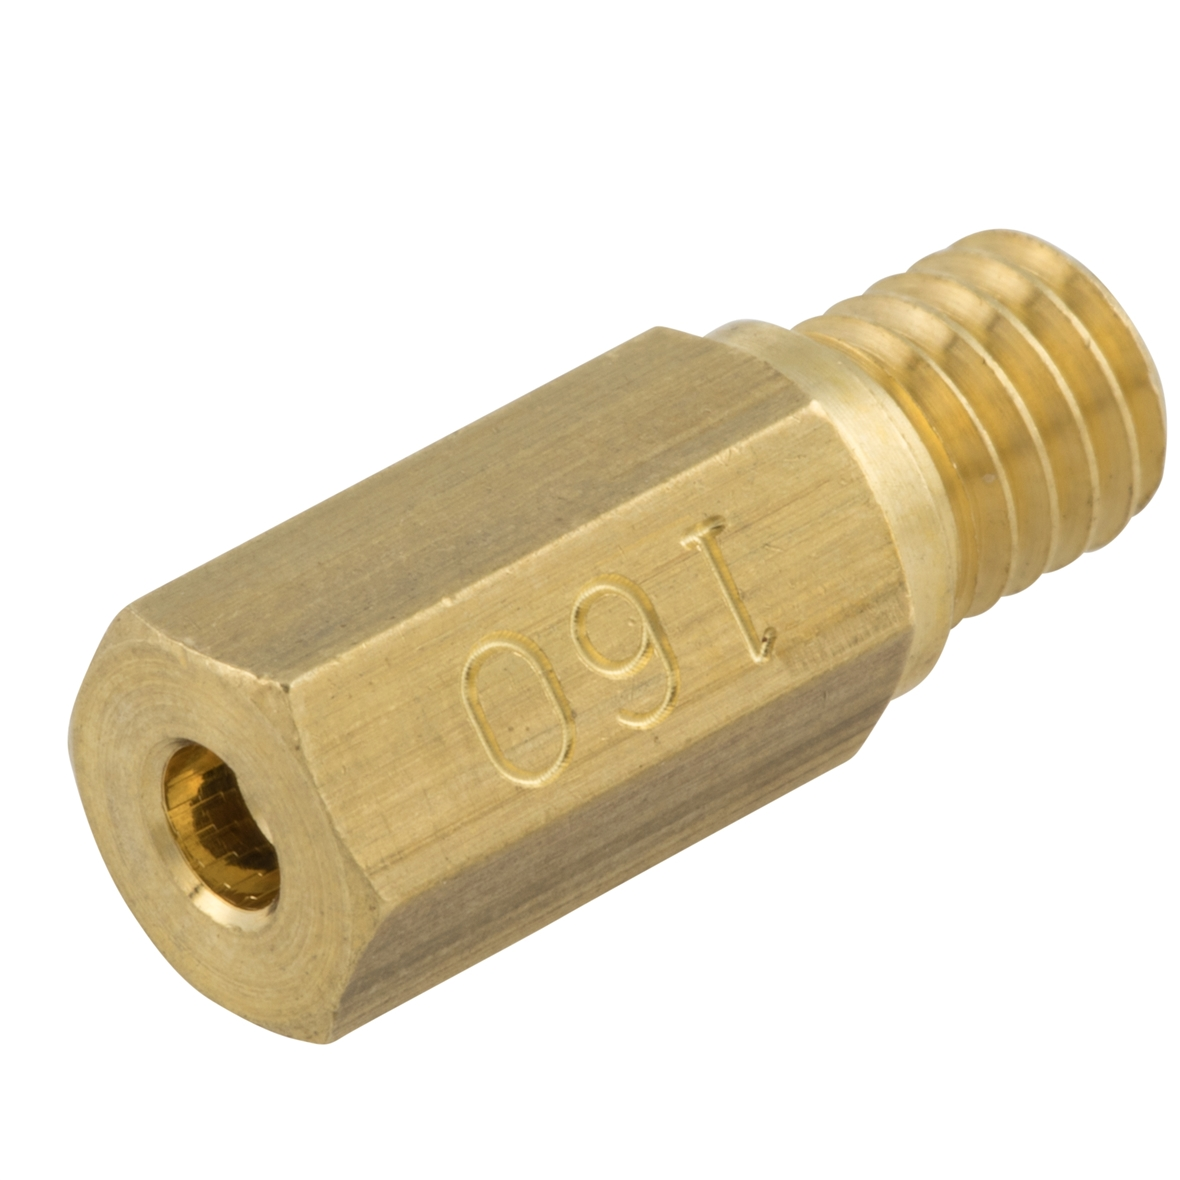 Εικόνα προϊόντος για 'Ζιγκλέρ KMT 162 Ø 6 mmTitle'